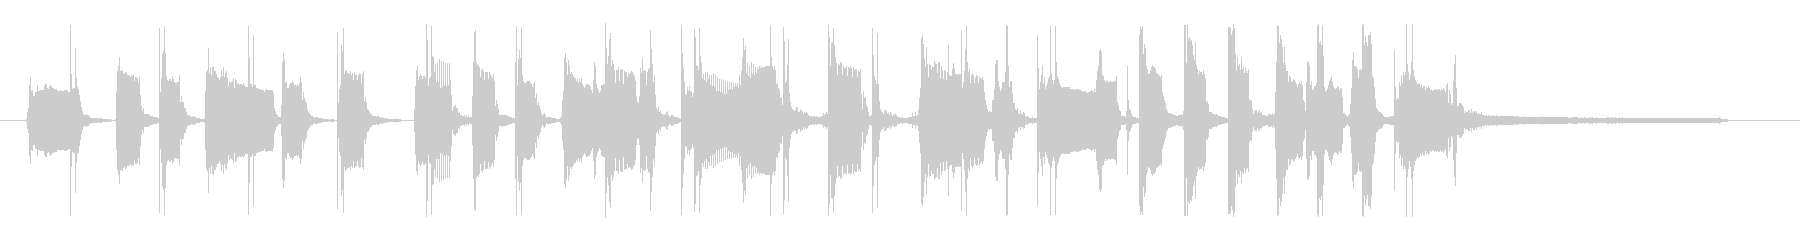 グルーヴィ&ファンキーなベースのロゴの未再生の波形